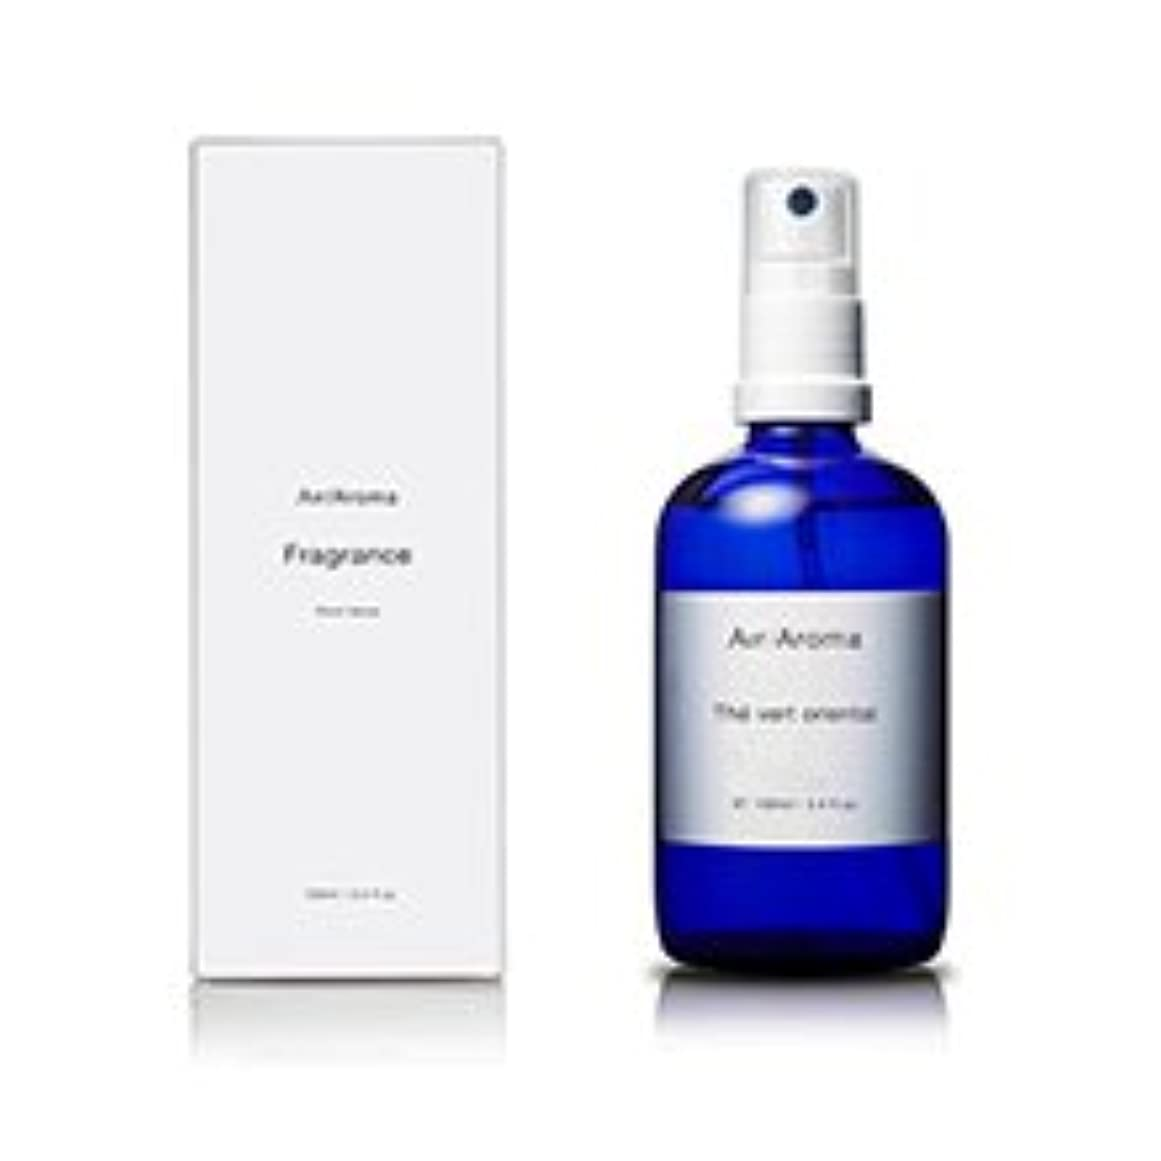 ライセンス条件付きくるみエアアロマ the vert oriental room fragrance(テヴェールオリエンタル ルームフレグランス) 100ml